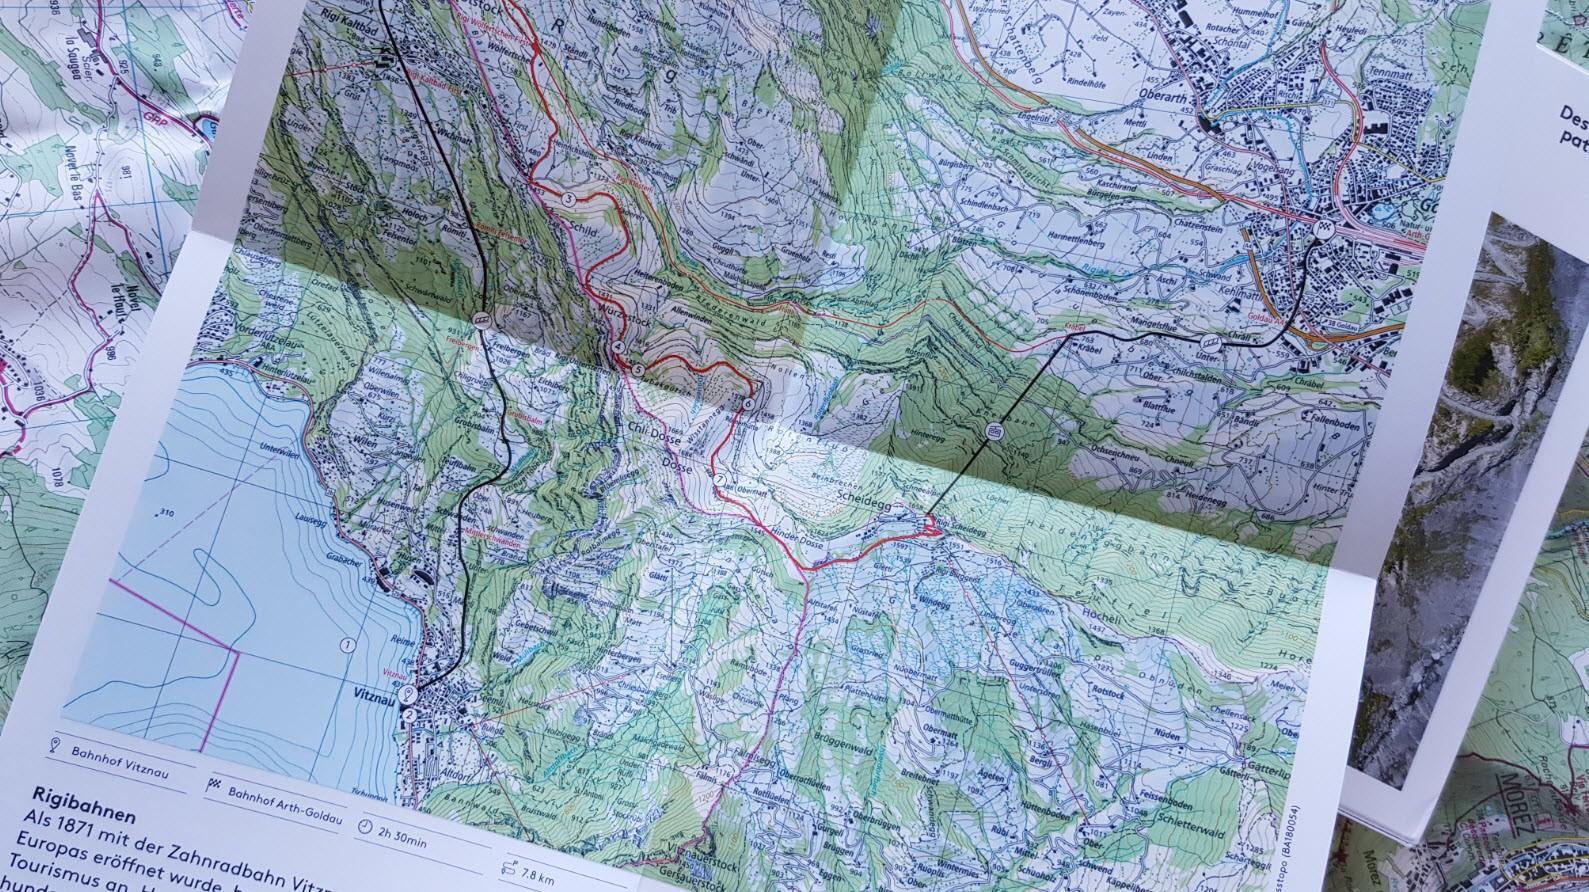 chemins et routes historiques de suisse